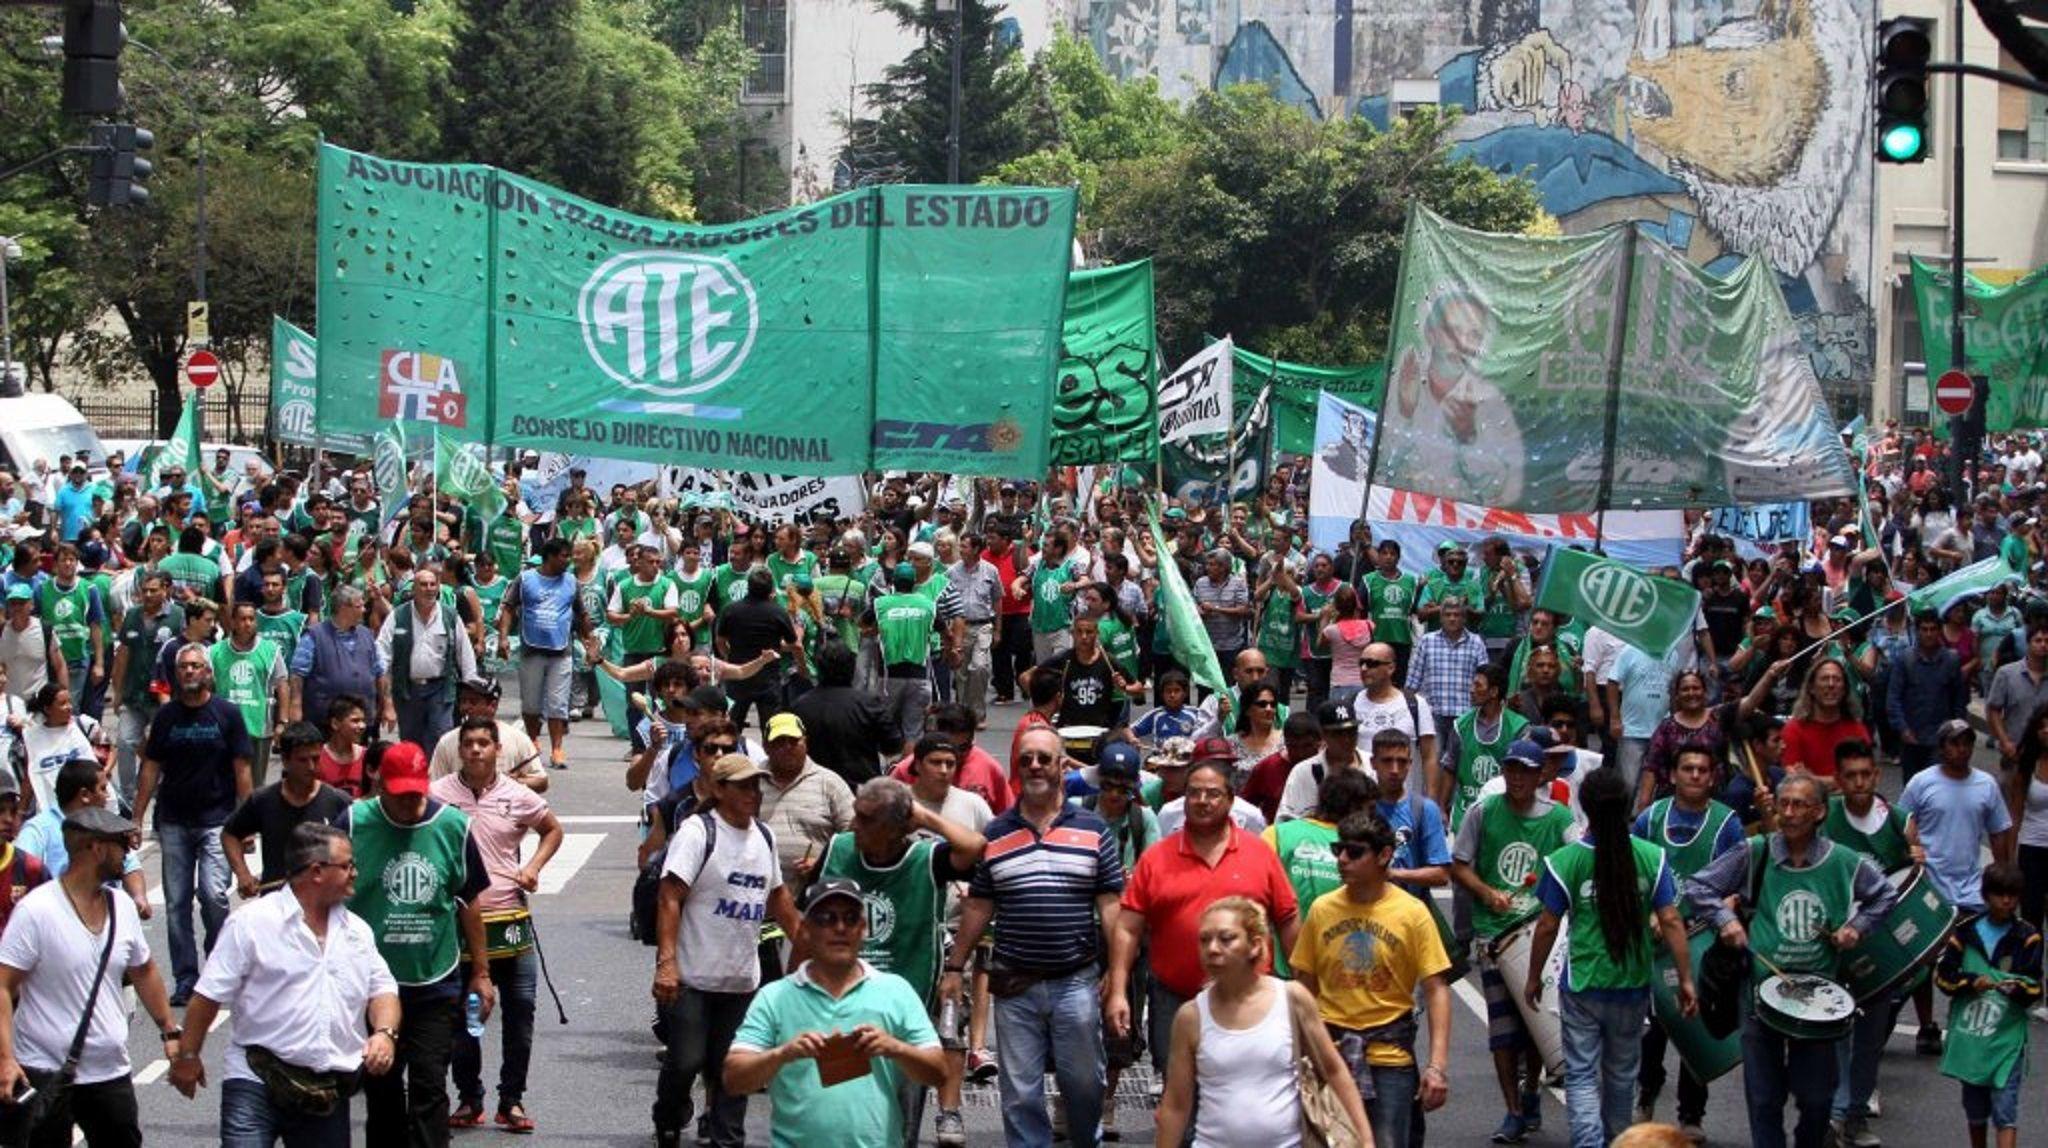 Los empleados públicos representan sólo el 18% de los ocupados de la Argentina